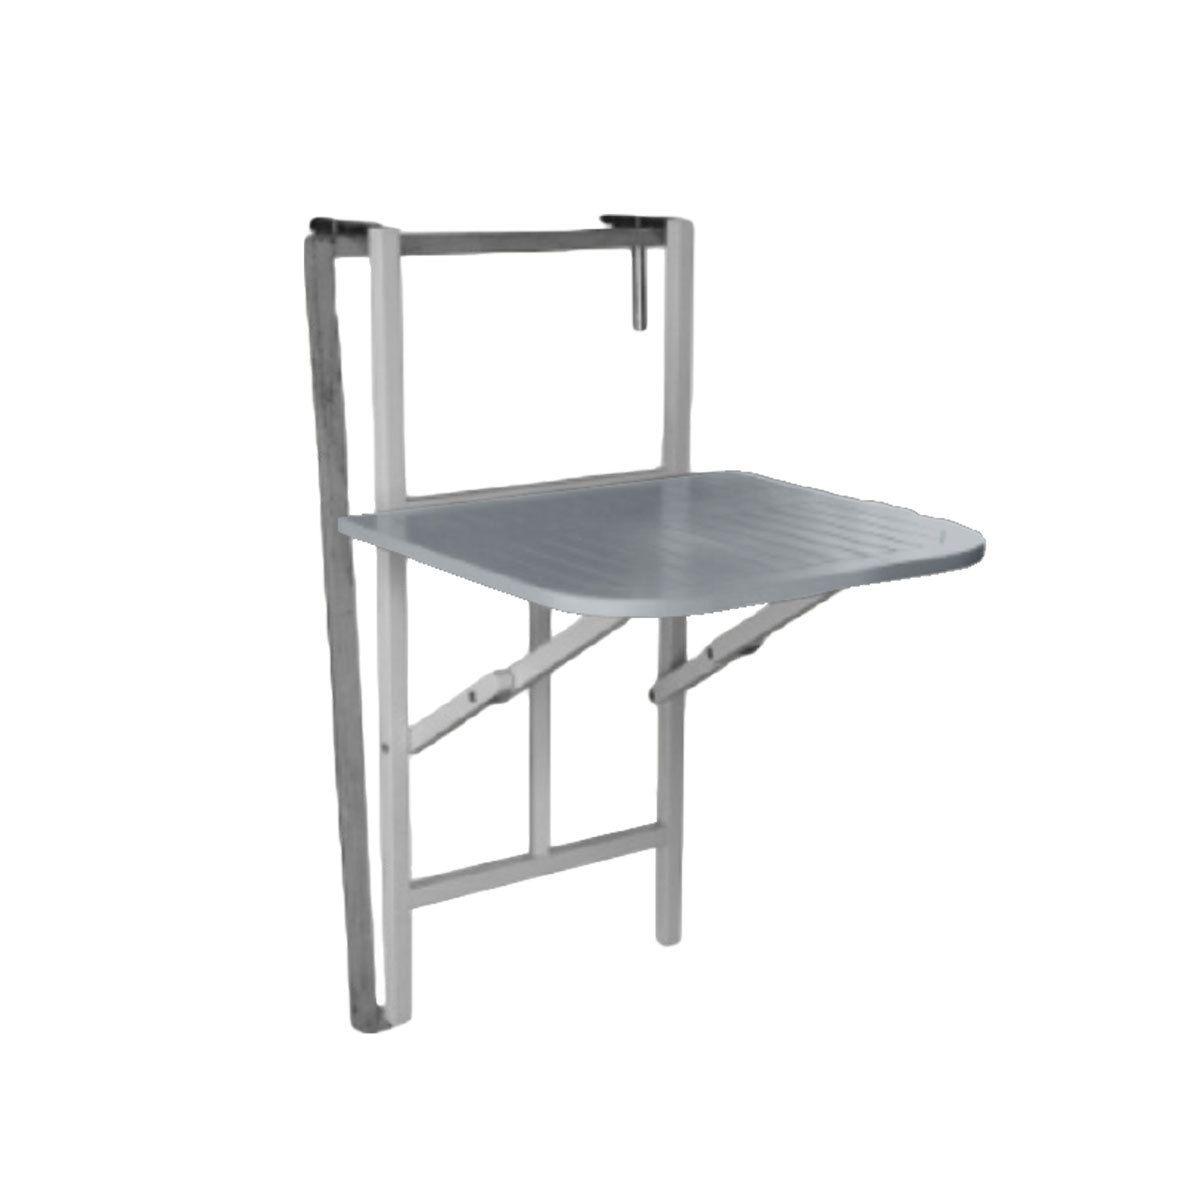 table console pliante à suspendre - gris | places, un and sons